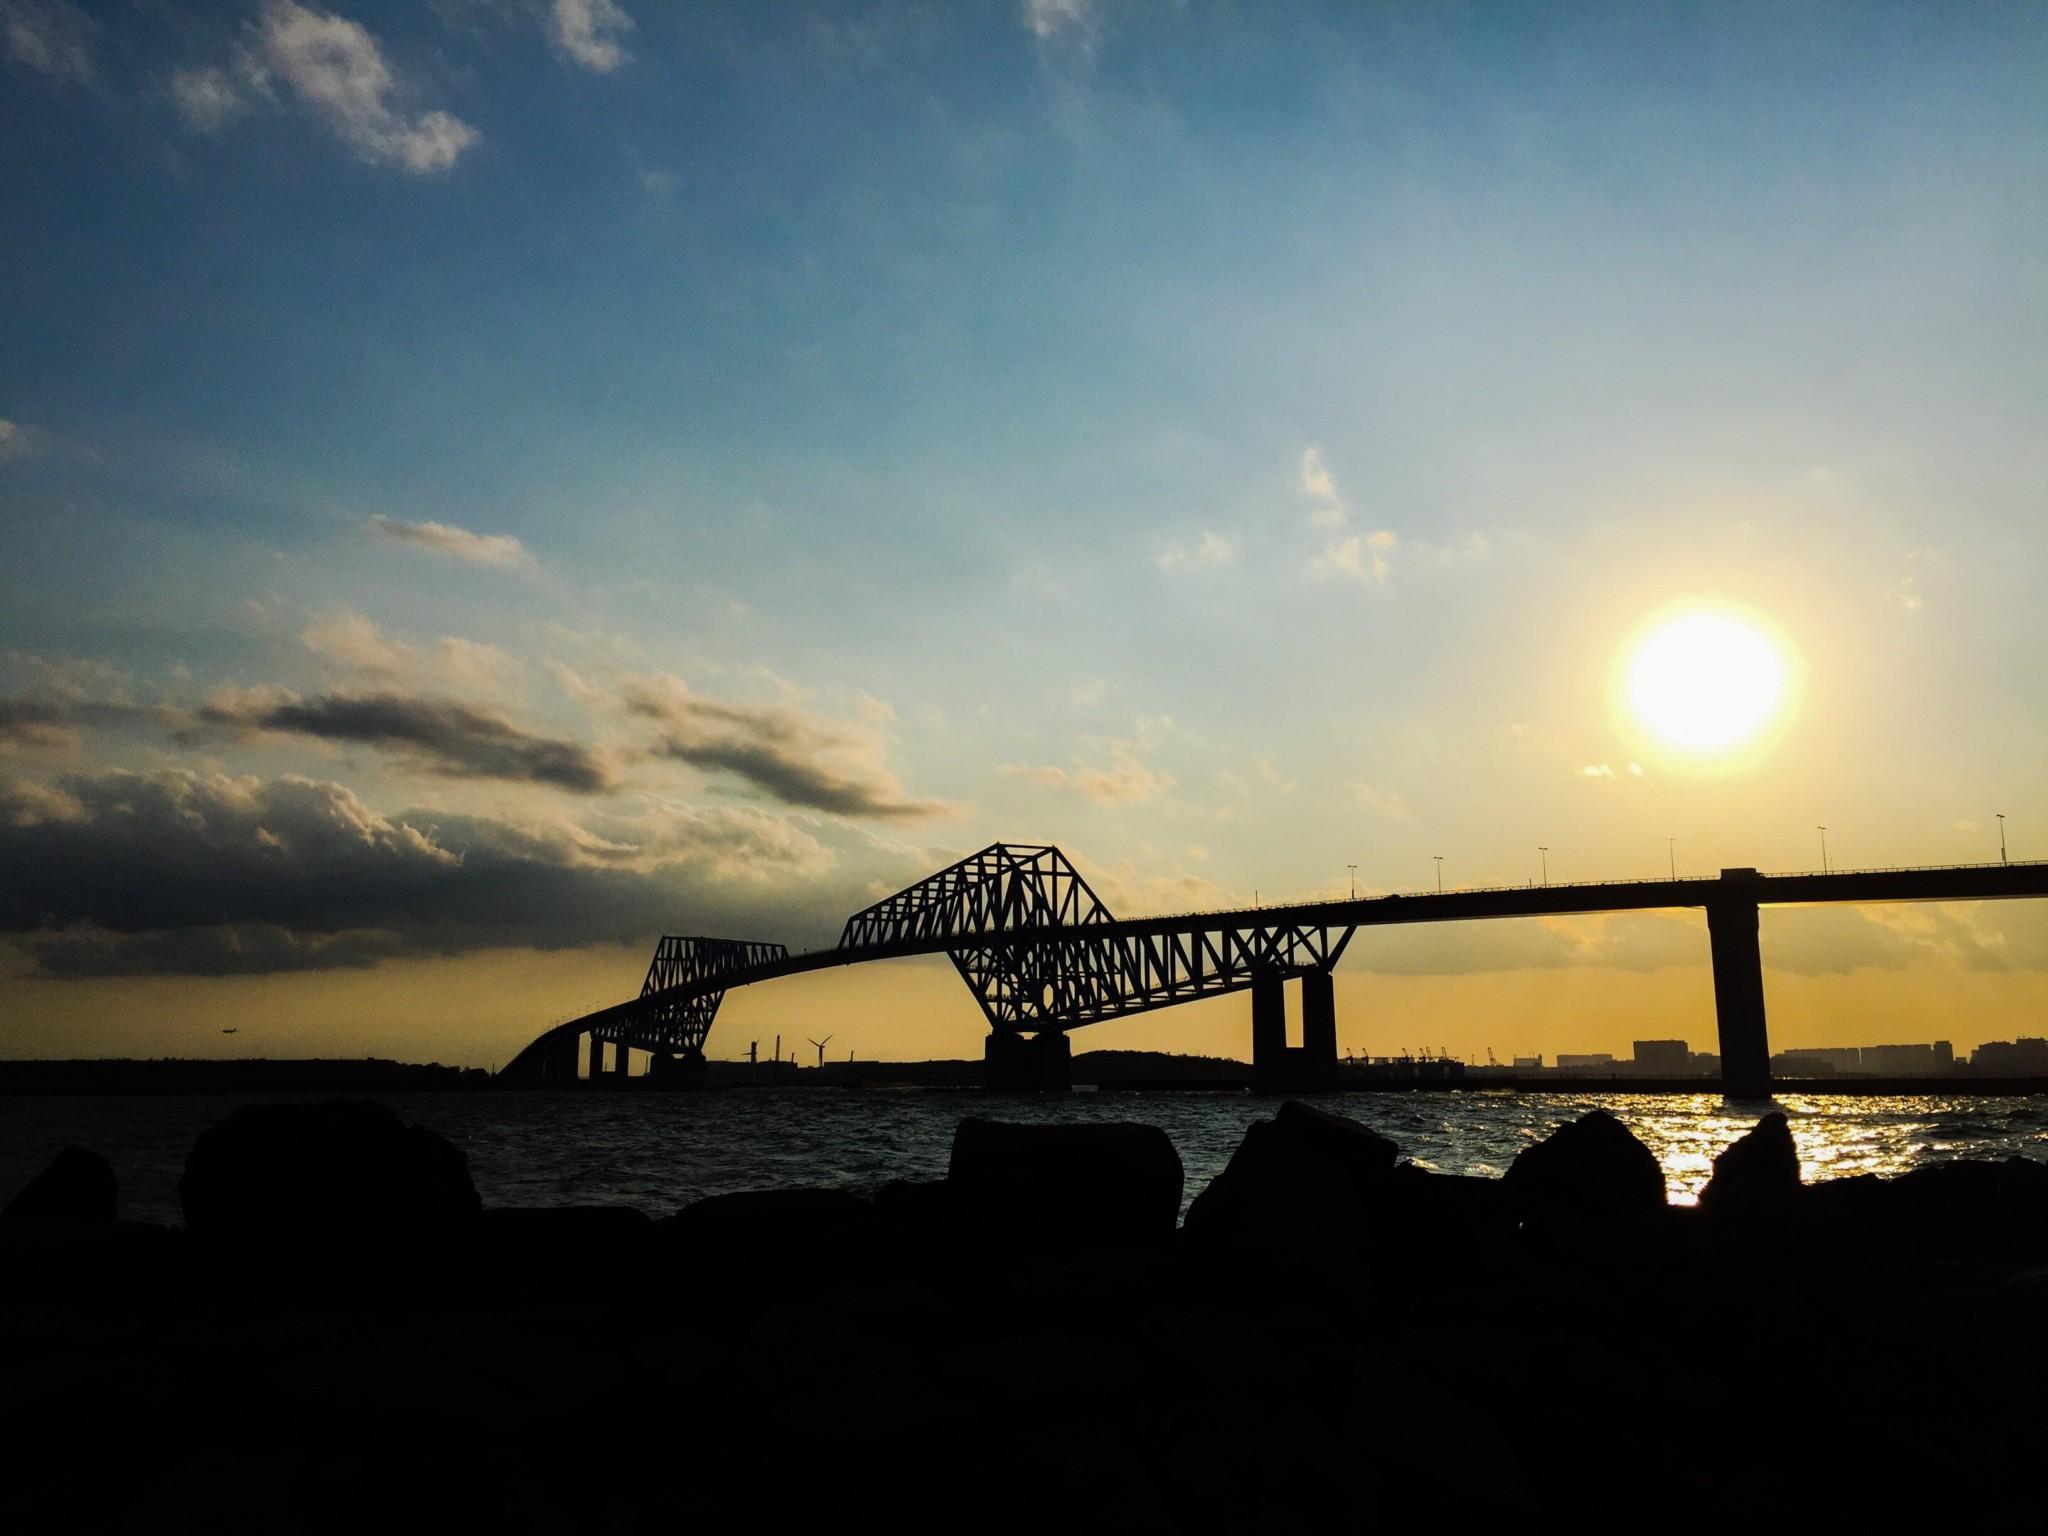 東京ゲートブリッジが見える夕焼け